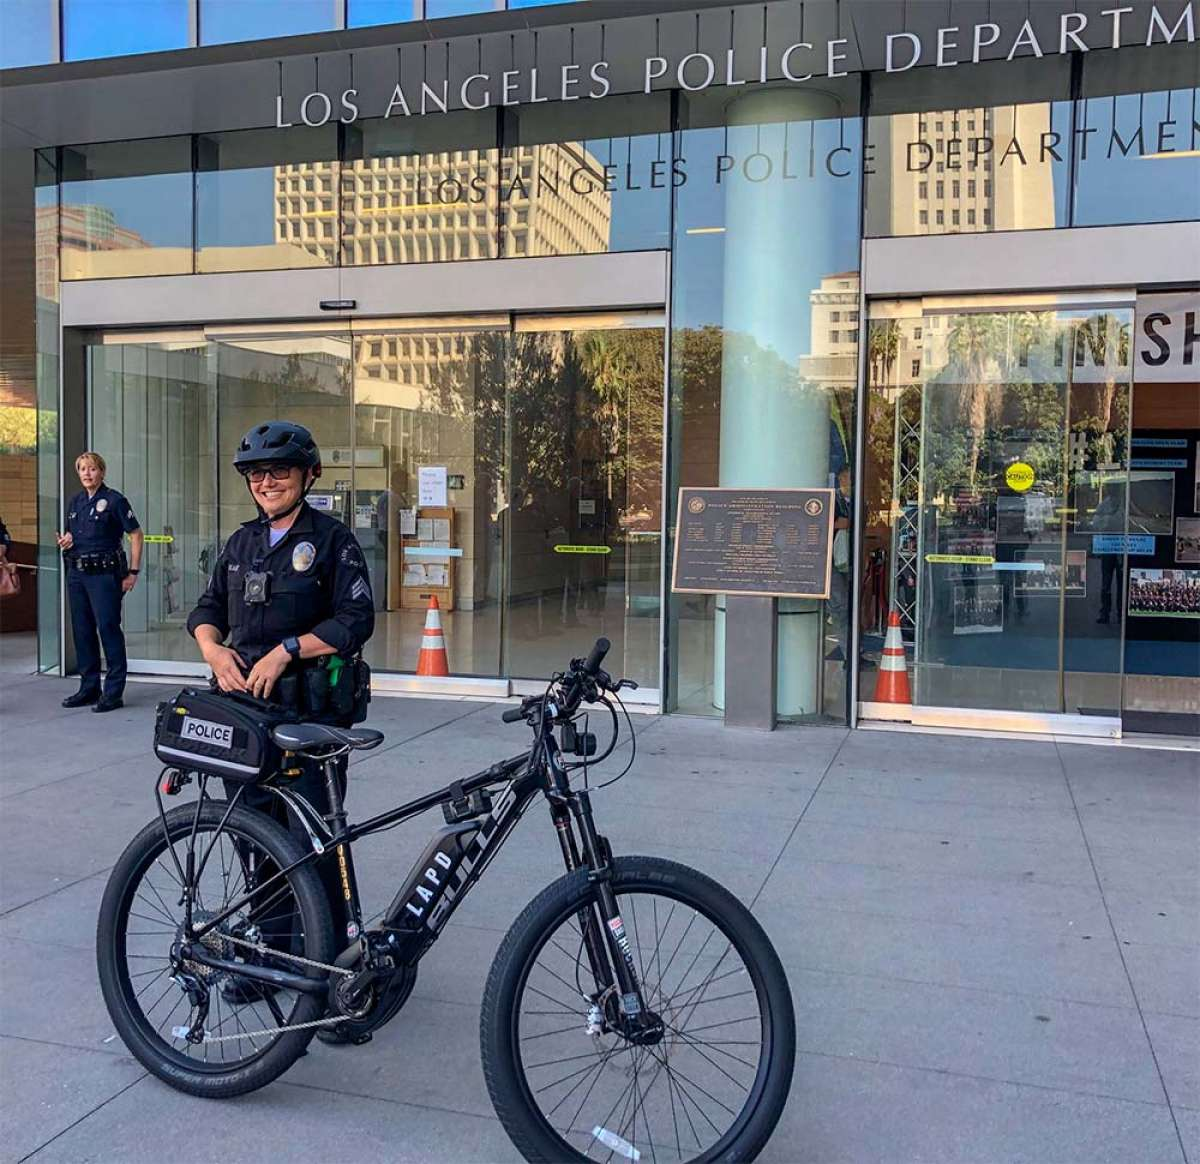 El Departamento de Policía de Los Ángeles (LAPD) estrena una flota de 20 bicicletas eléctricas de Bulls